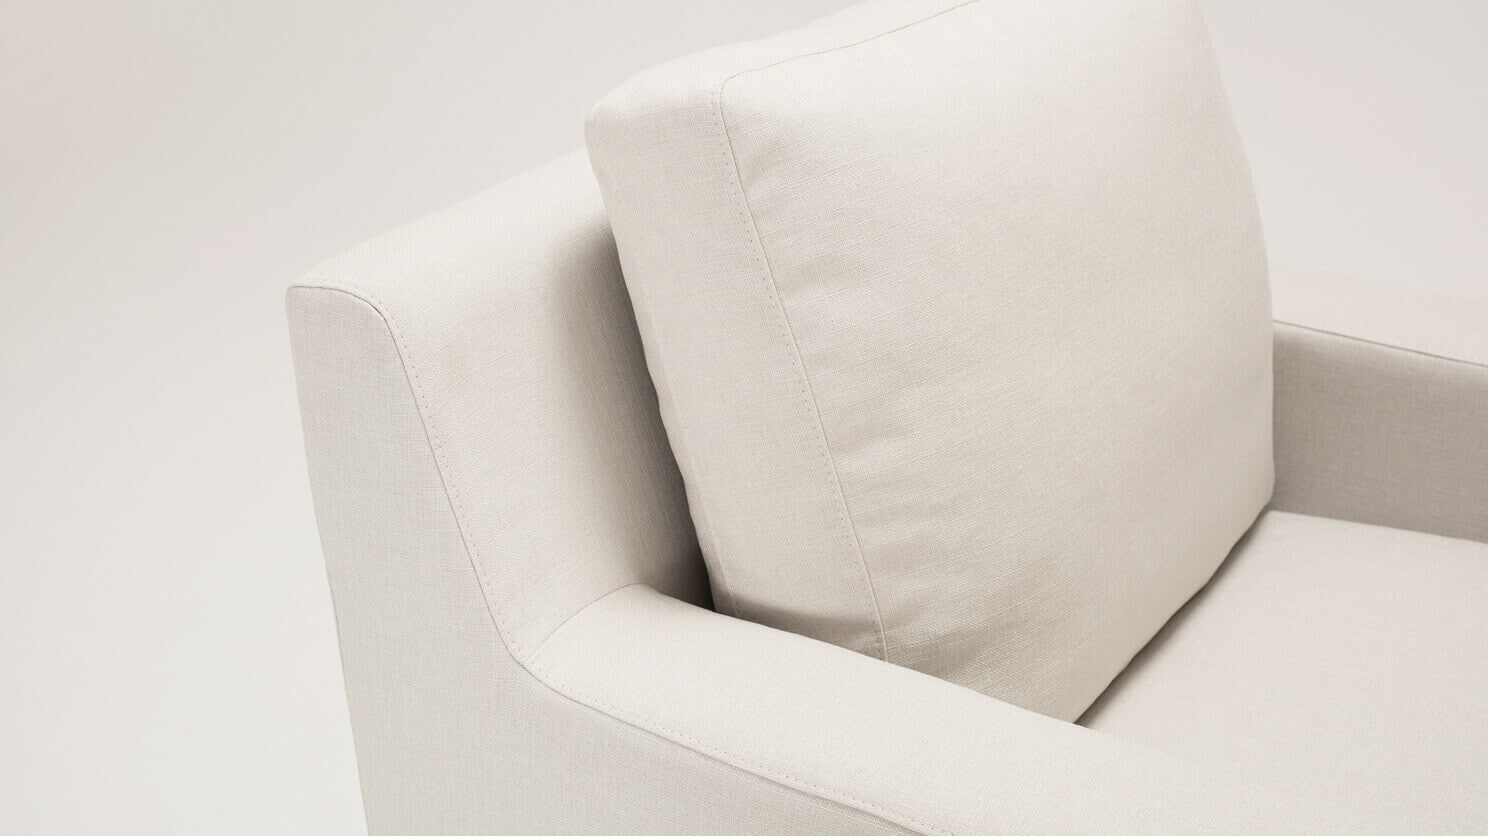 30113 02 5 chairs blanche chair polo cream detail 02